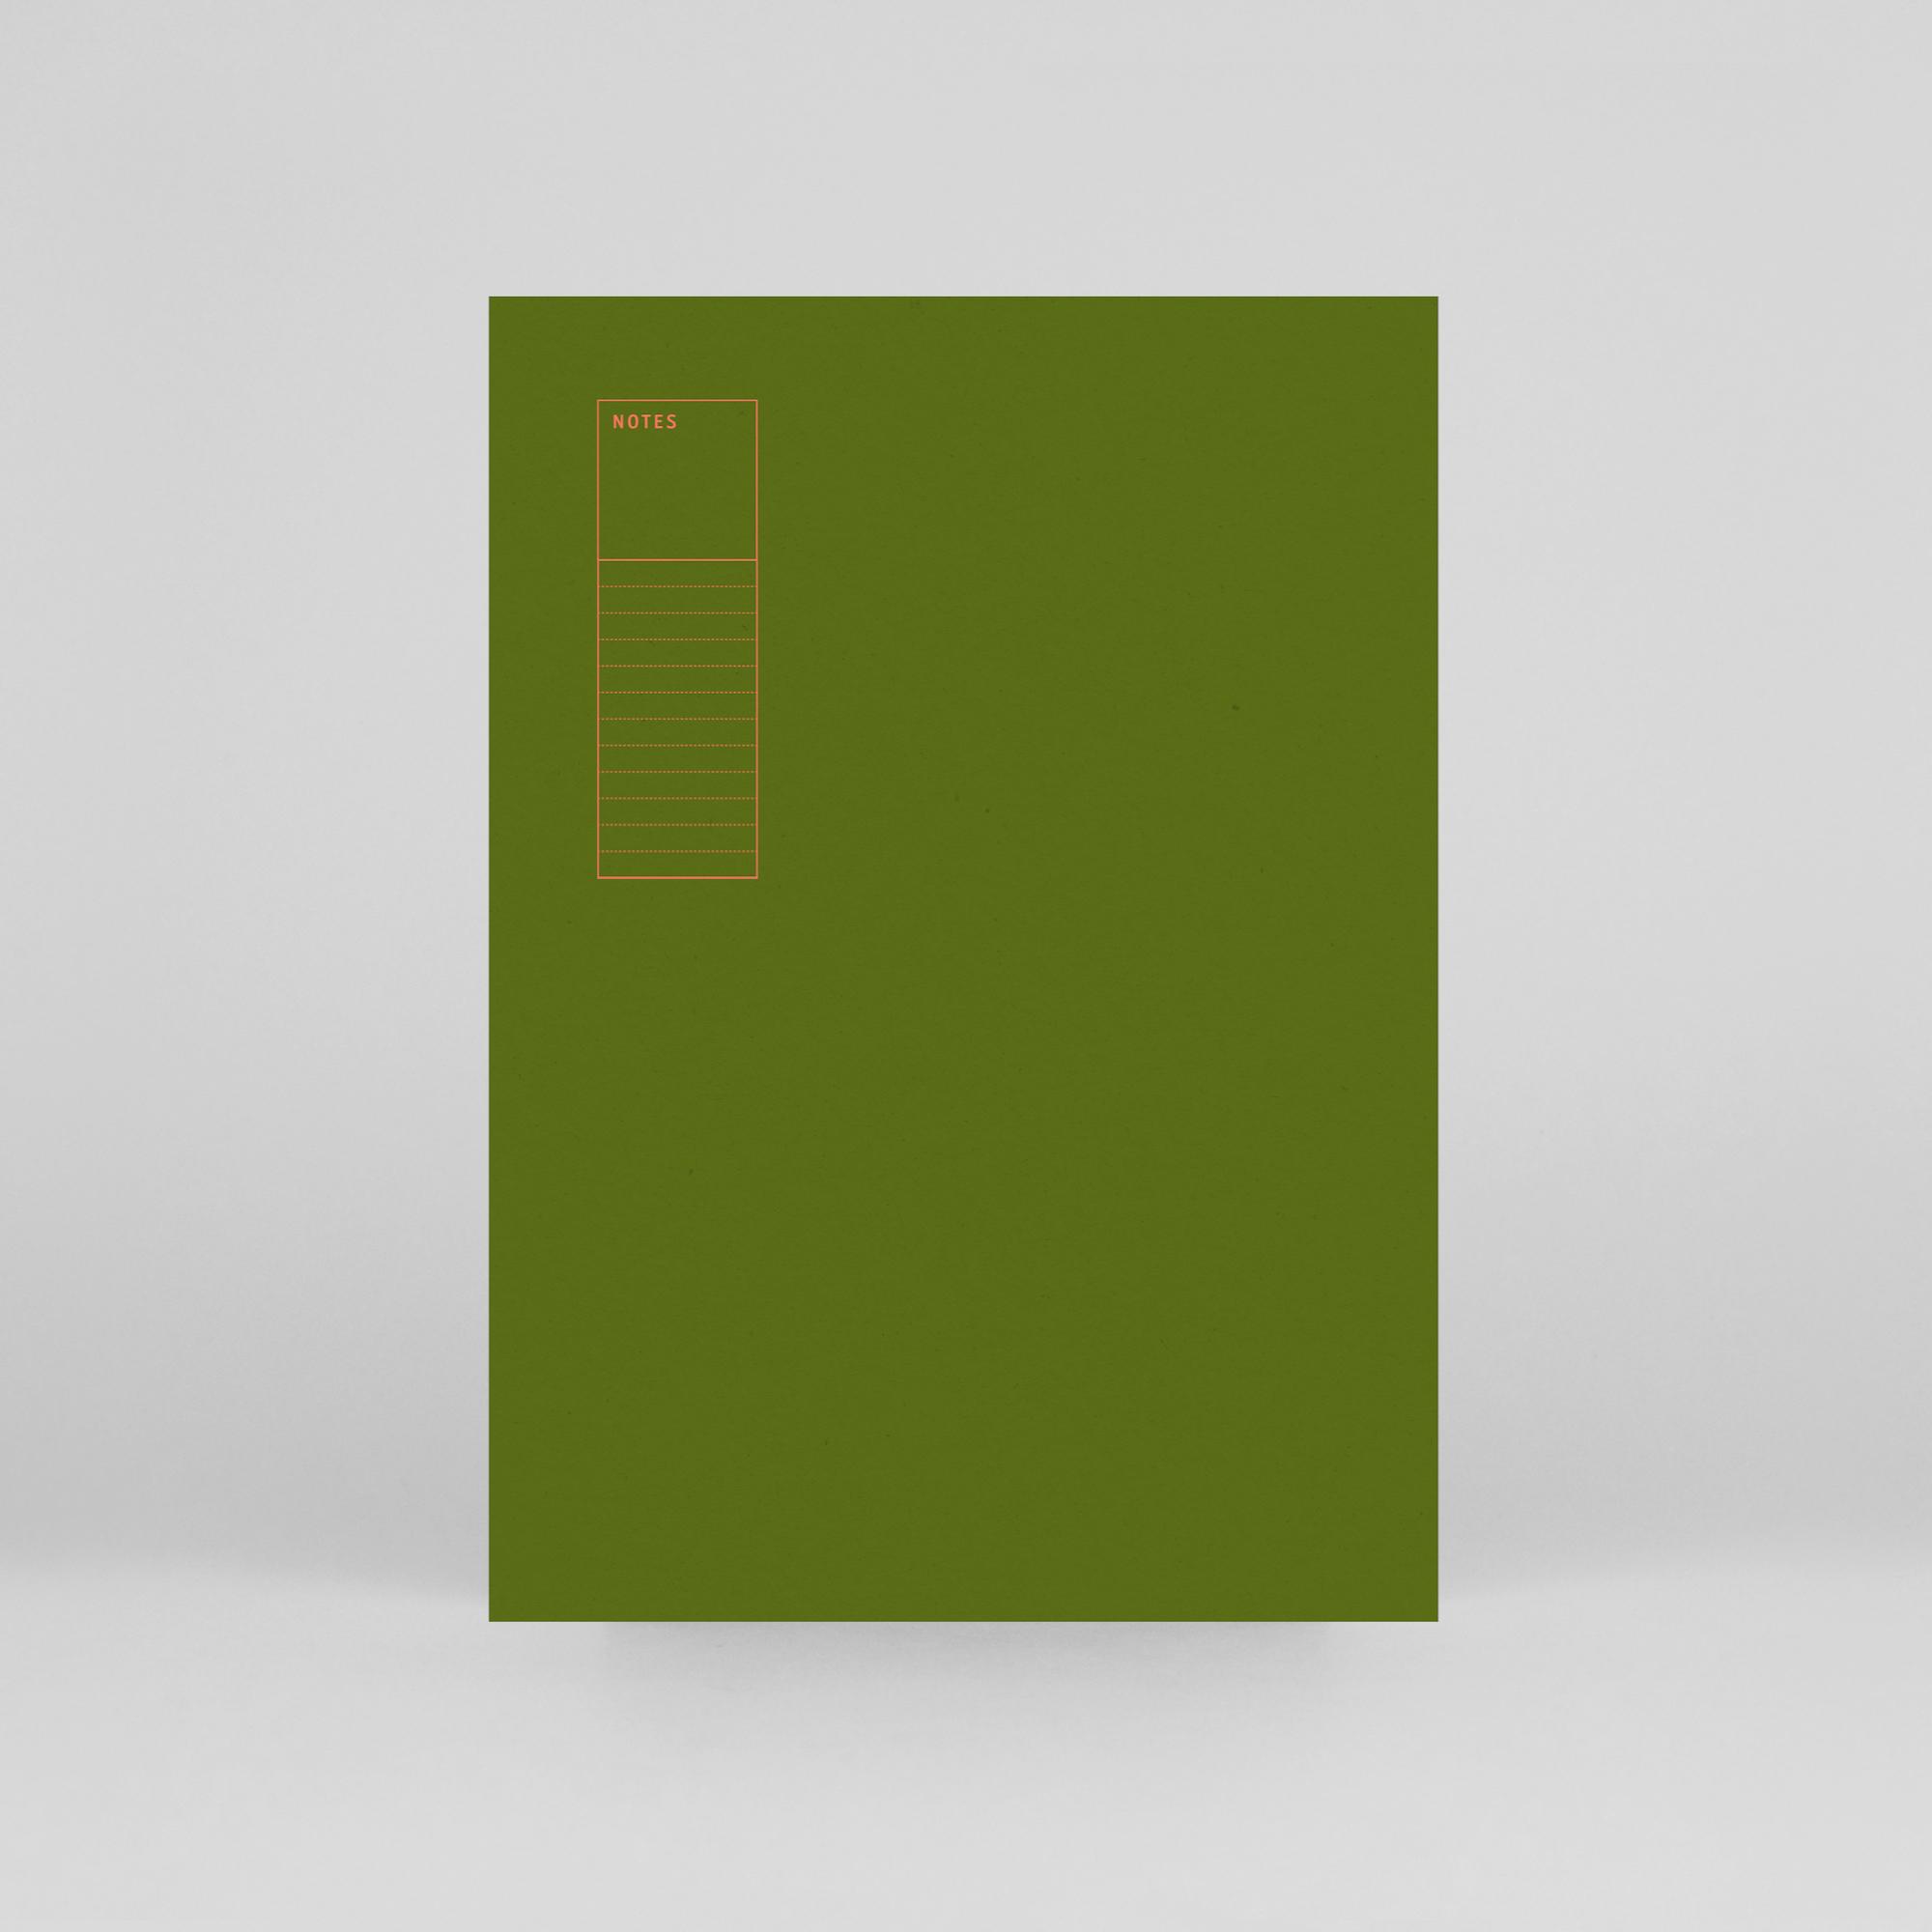 lekki_notebook_green_00